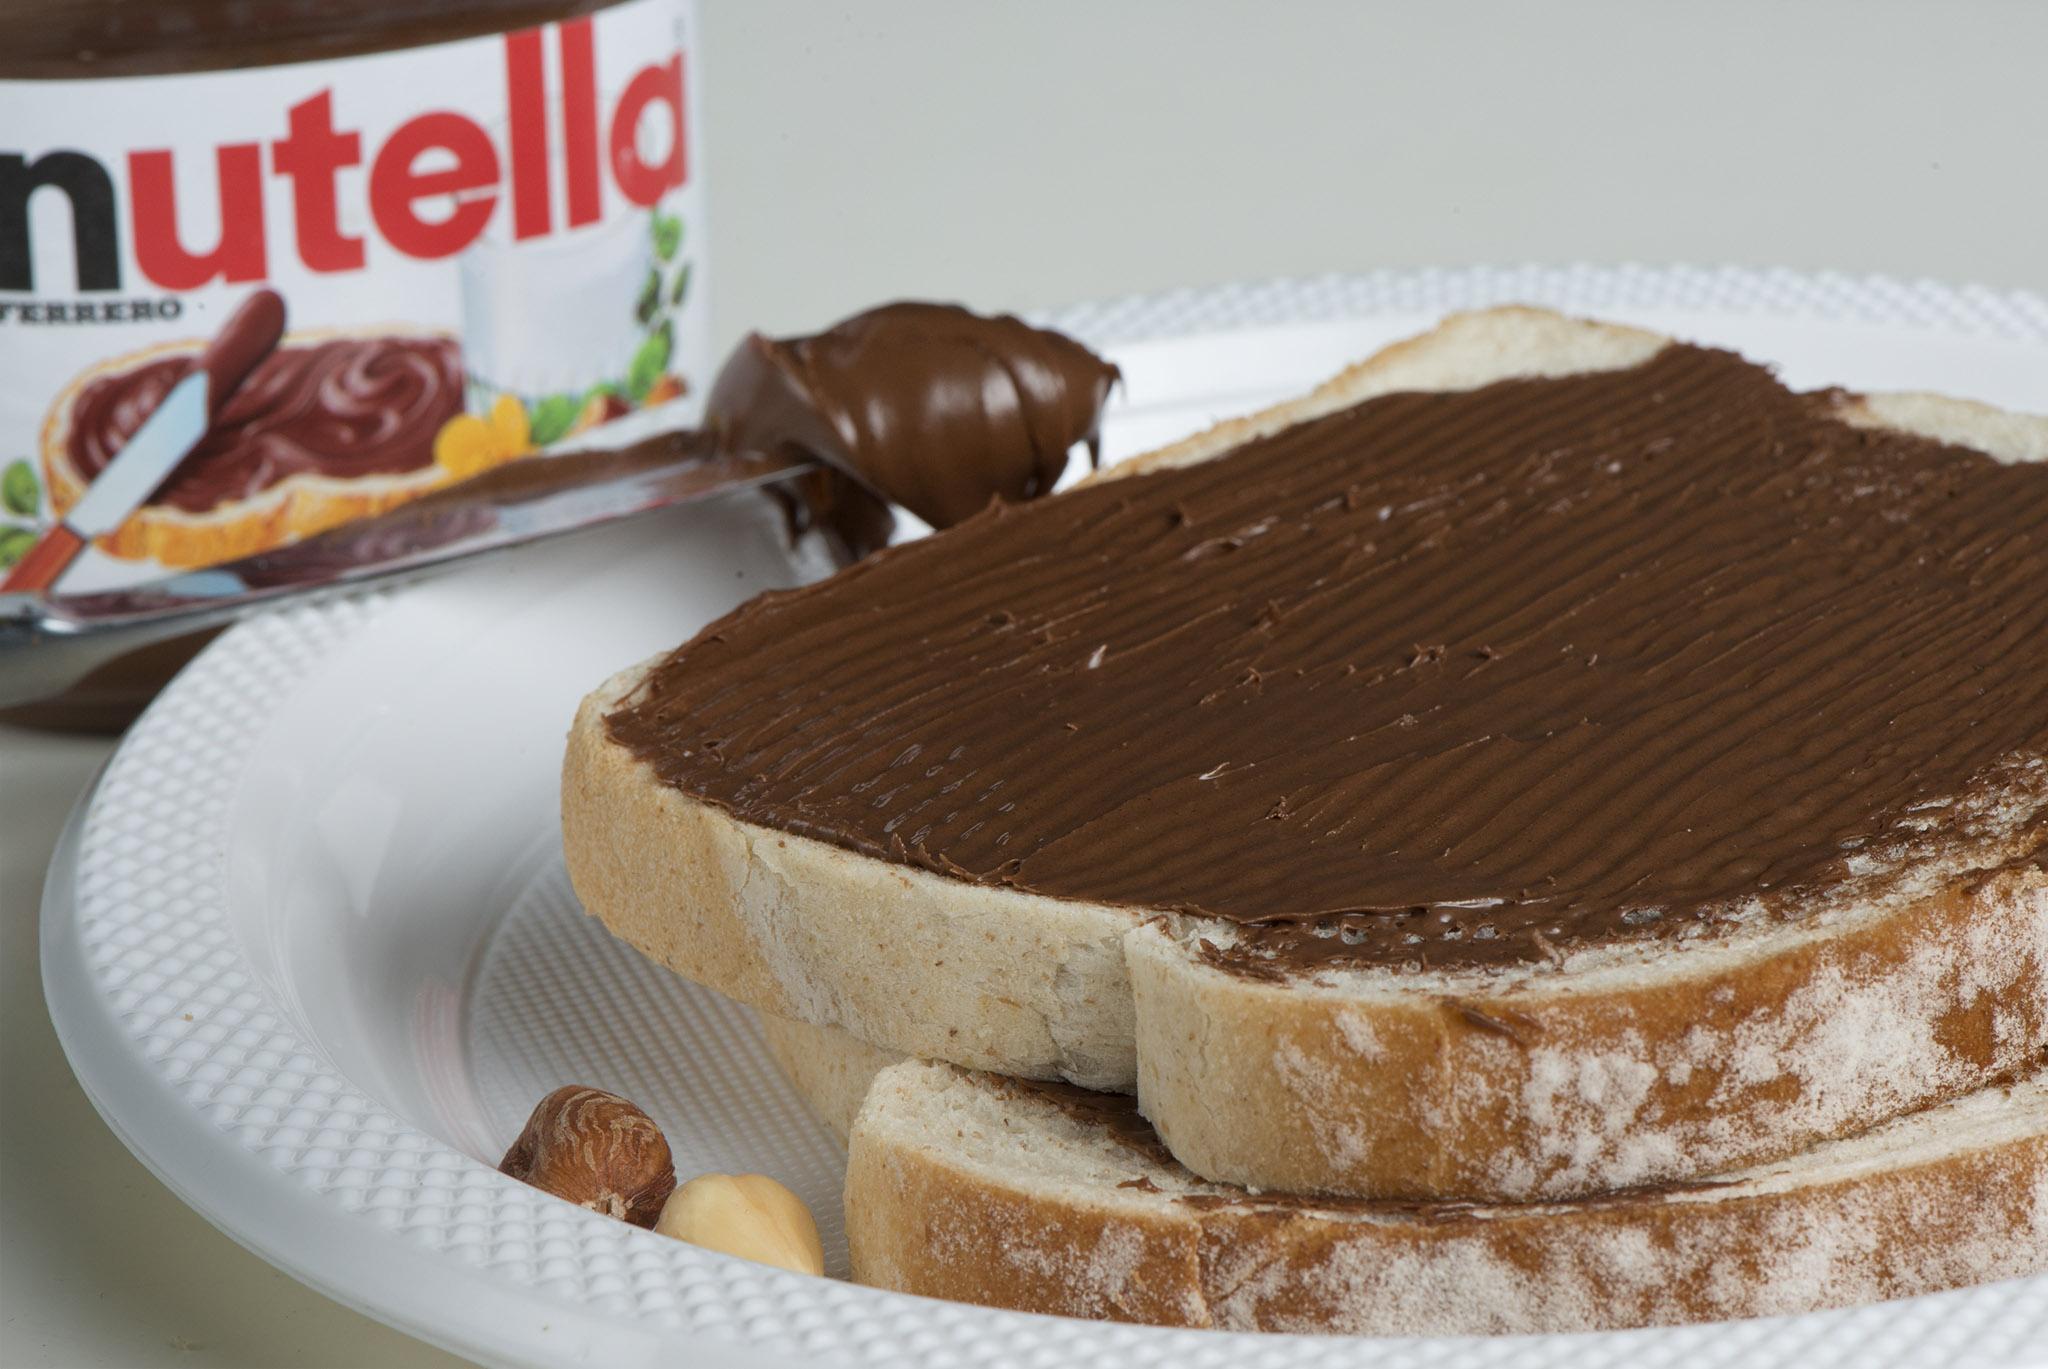 Nutella2